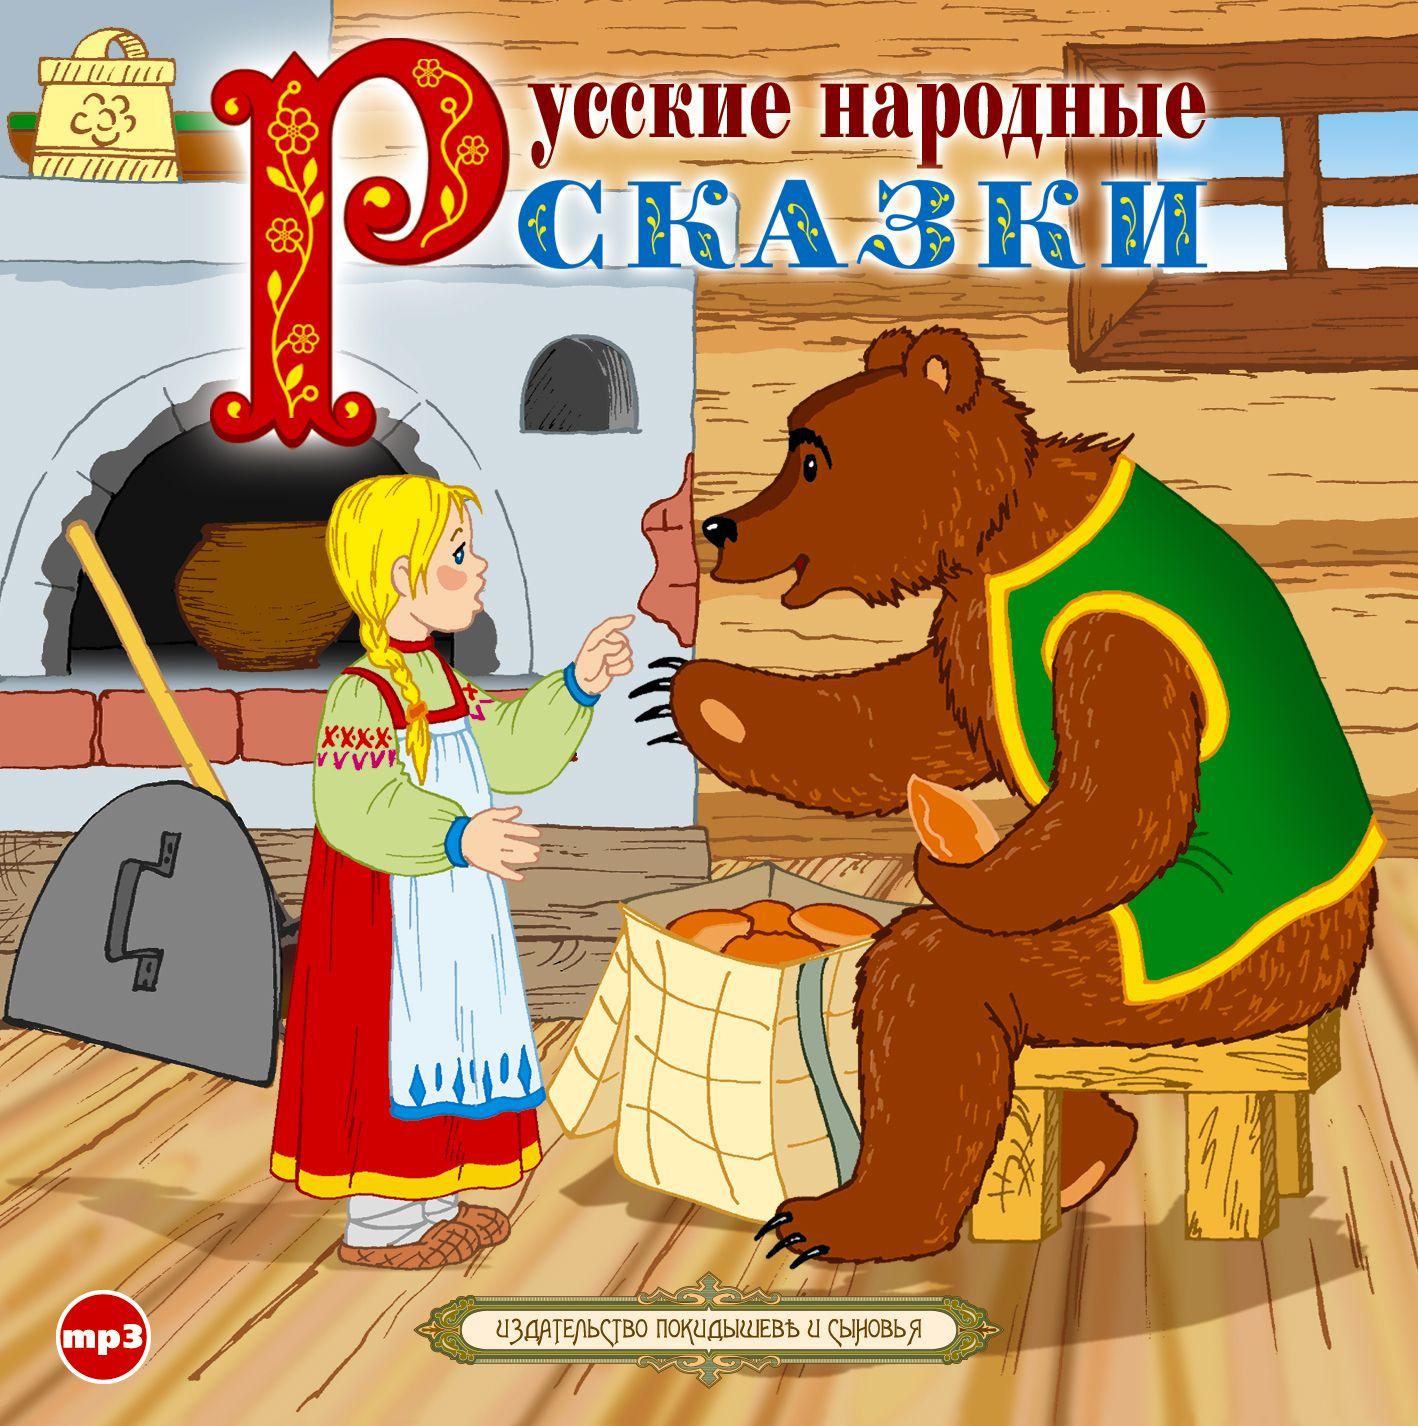 Сборник Русские народные сказки 3